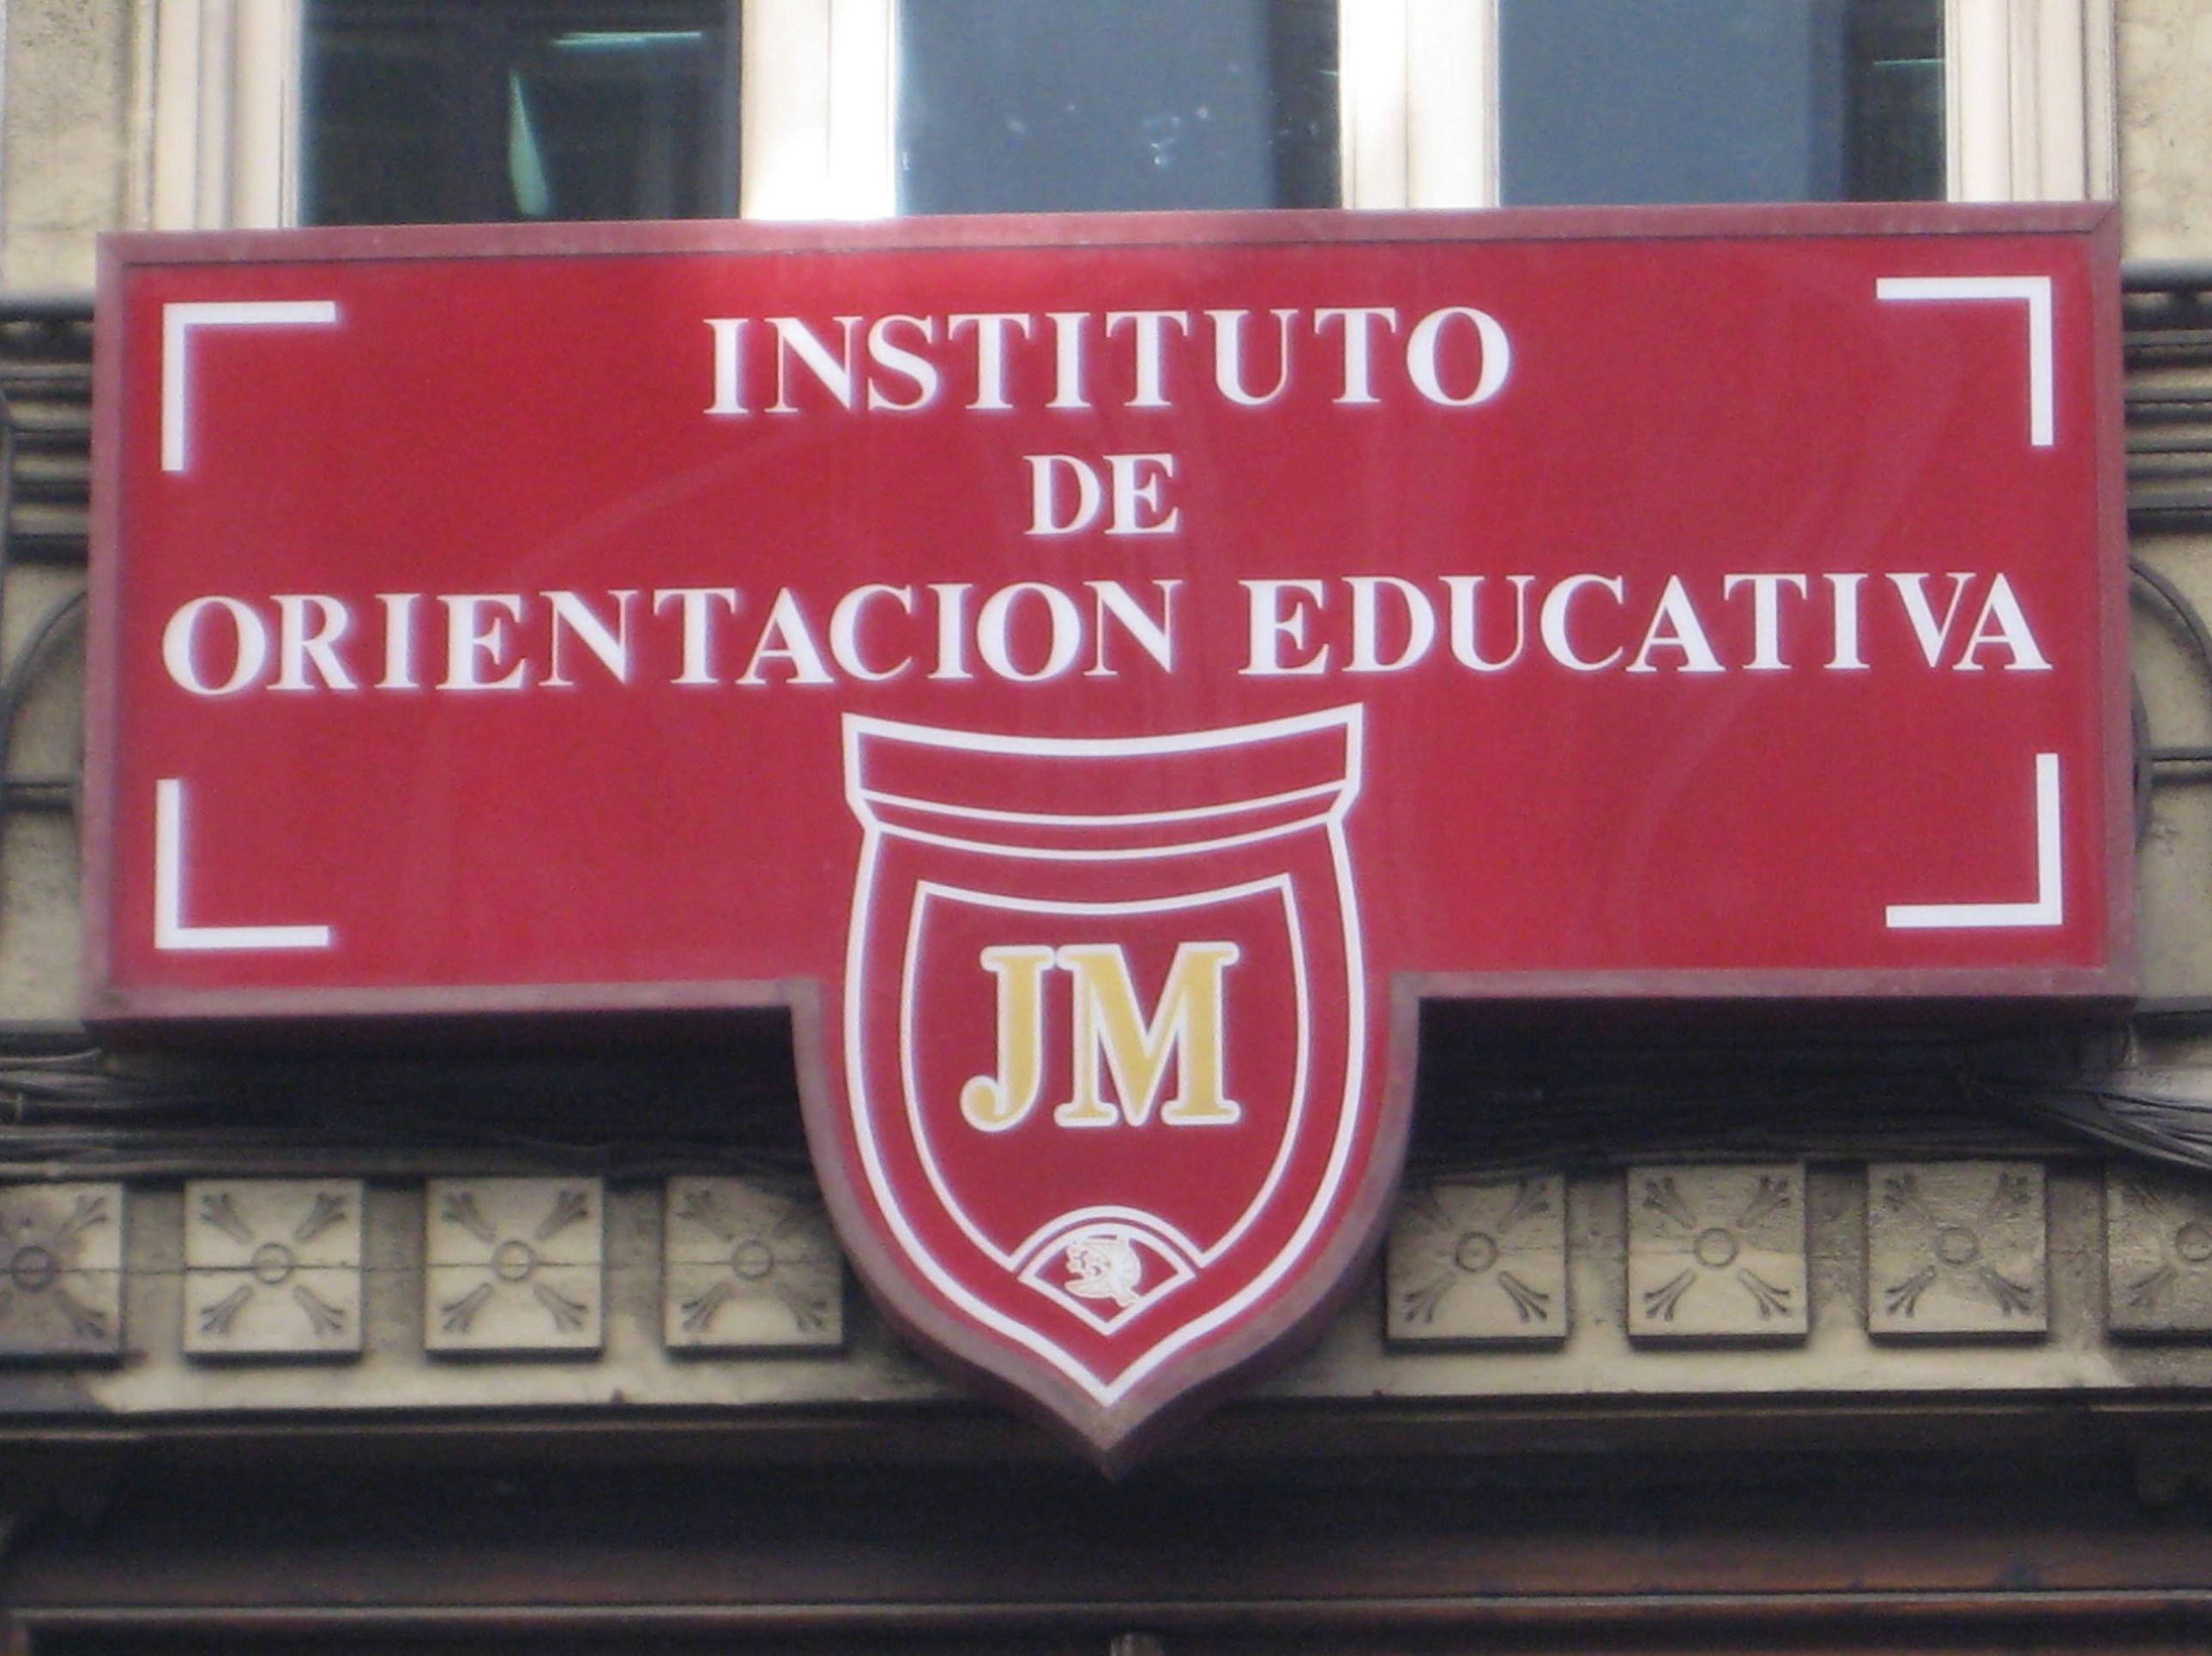 INSTITUTO DE ORIENTACIÓN EDUCATIVA JM. C/ La Paz, 26 Valencia